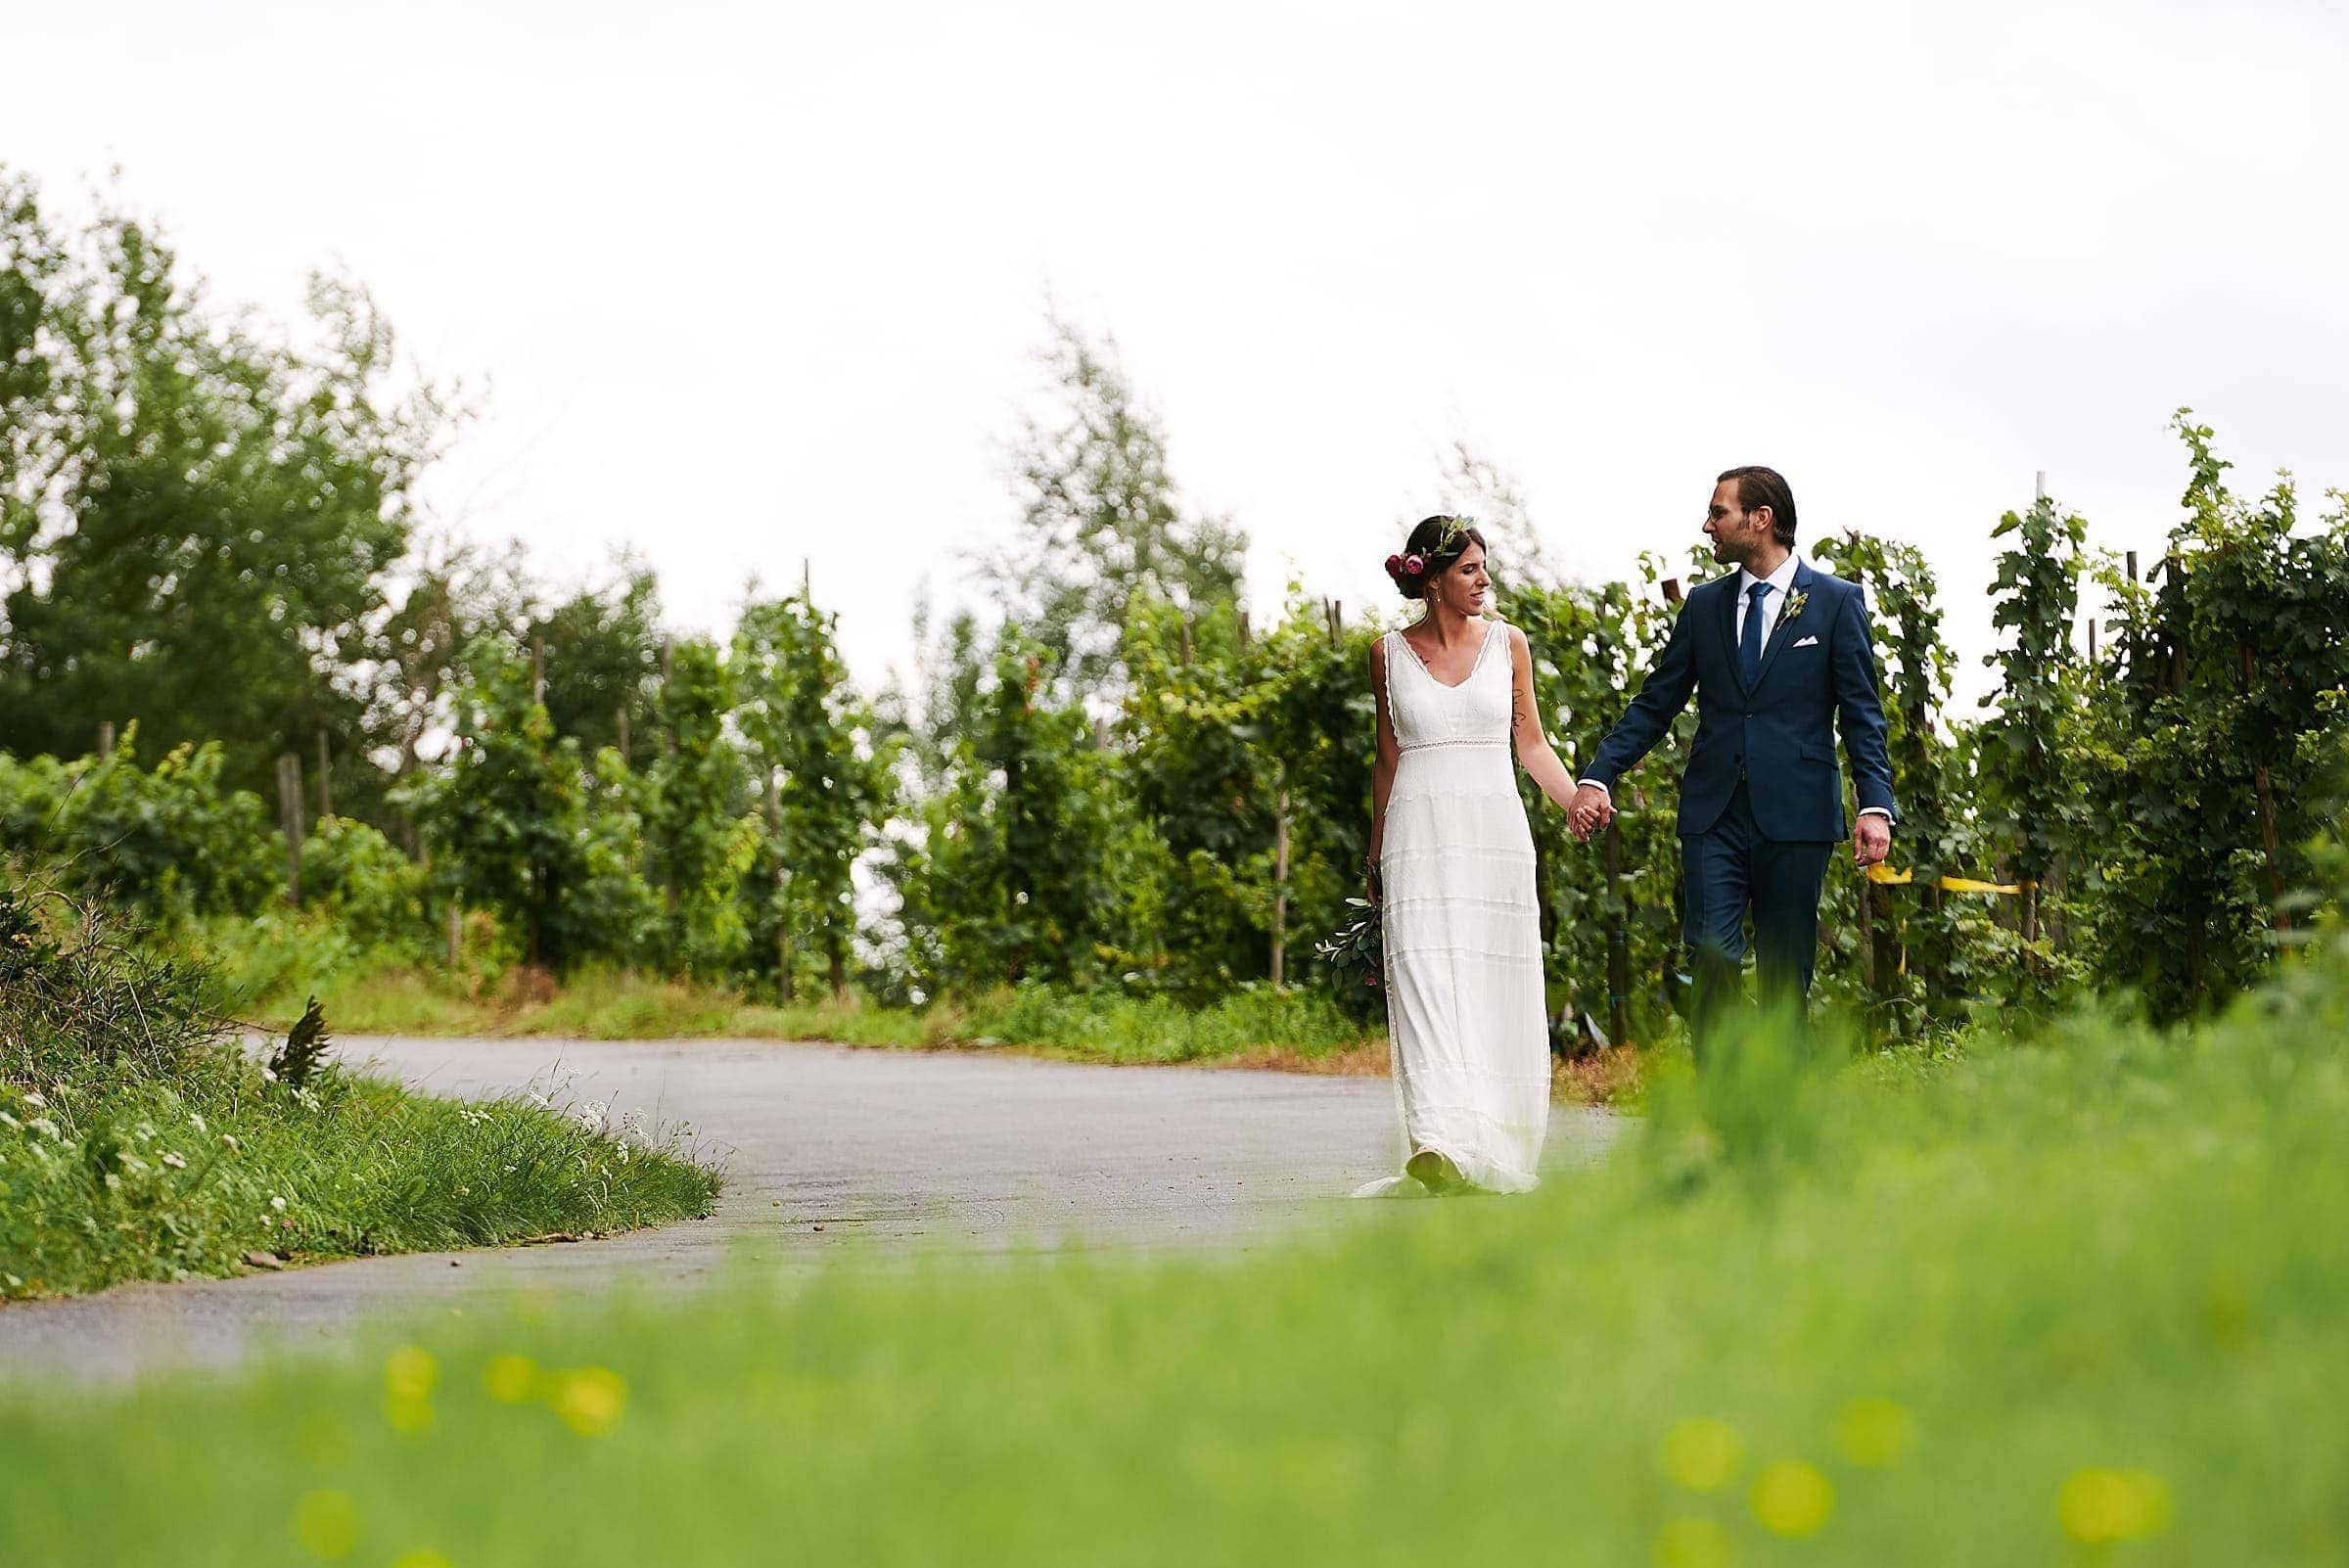 Natürliche und ungestellte Paarfotos von ihrem Hochzeitsfotograf in Trier